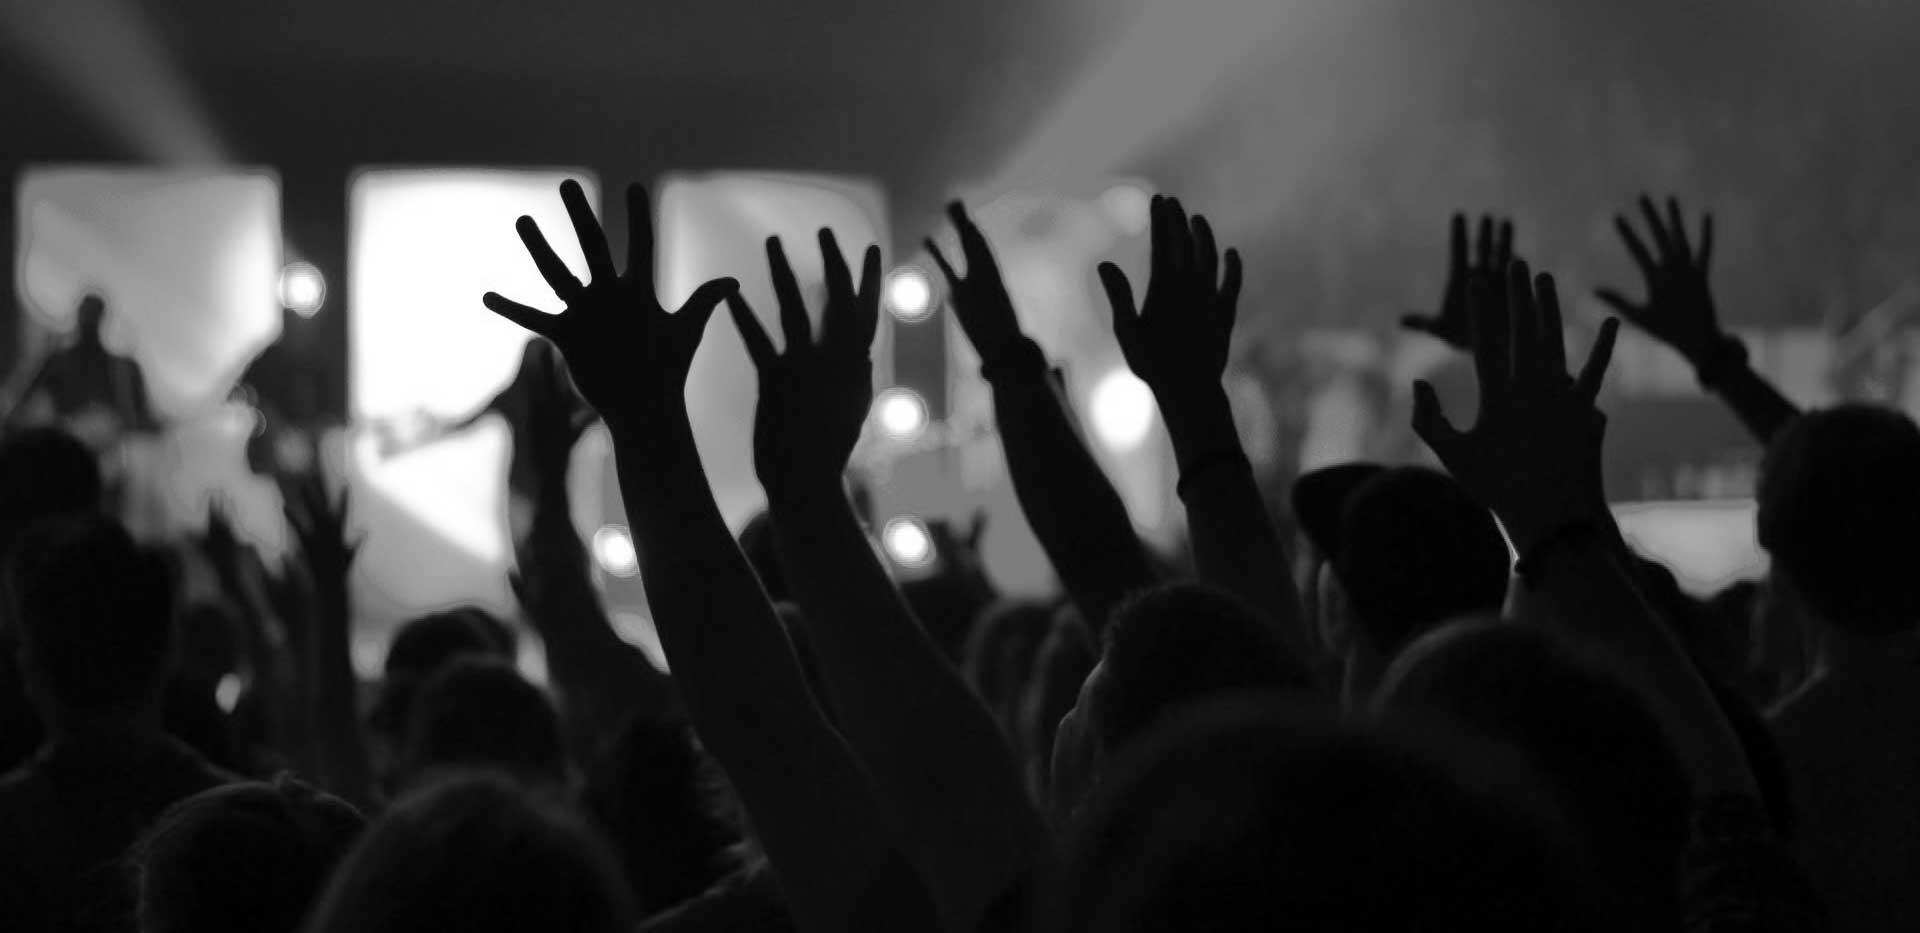 O gigante acordou: influente label carioca, Bunker volta à ativa com mega festival